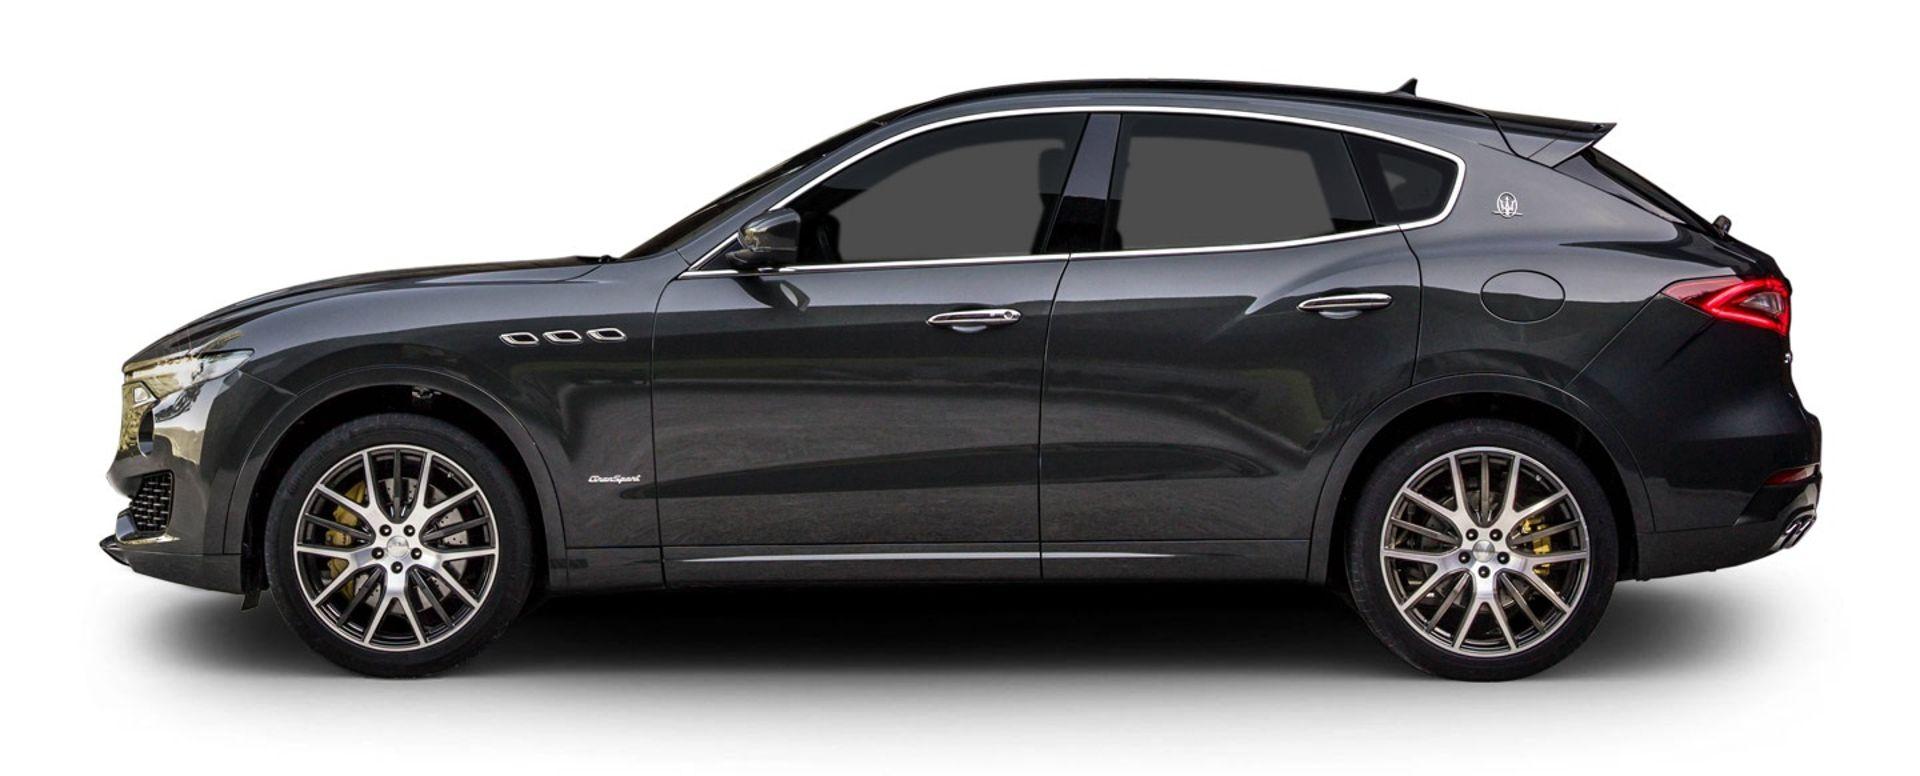 Maserati Levante Image